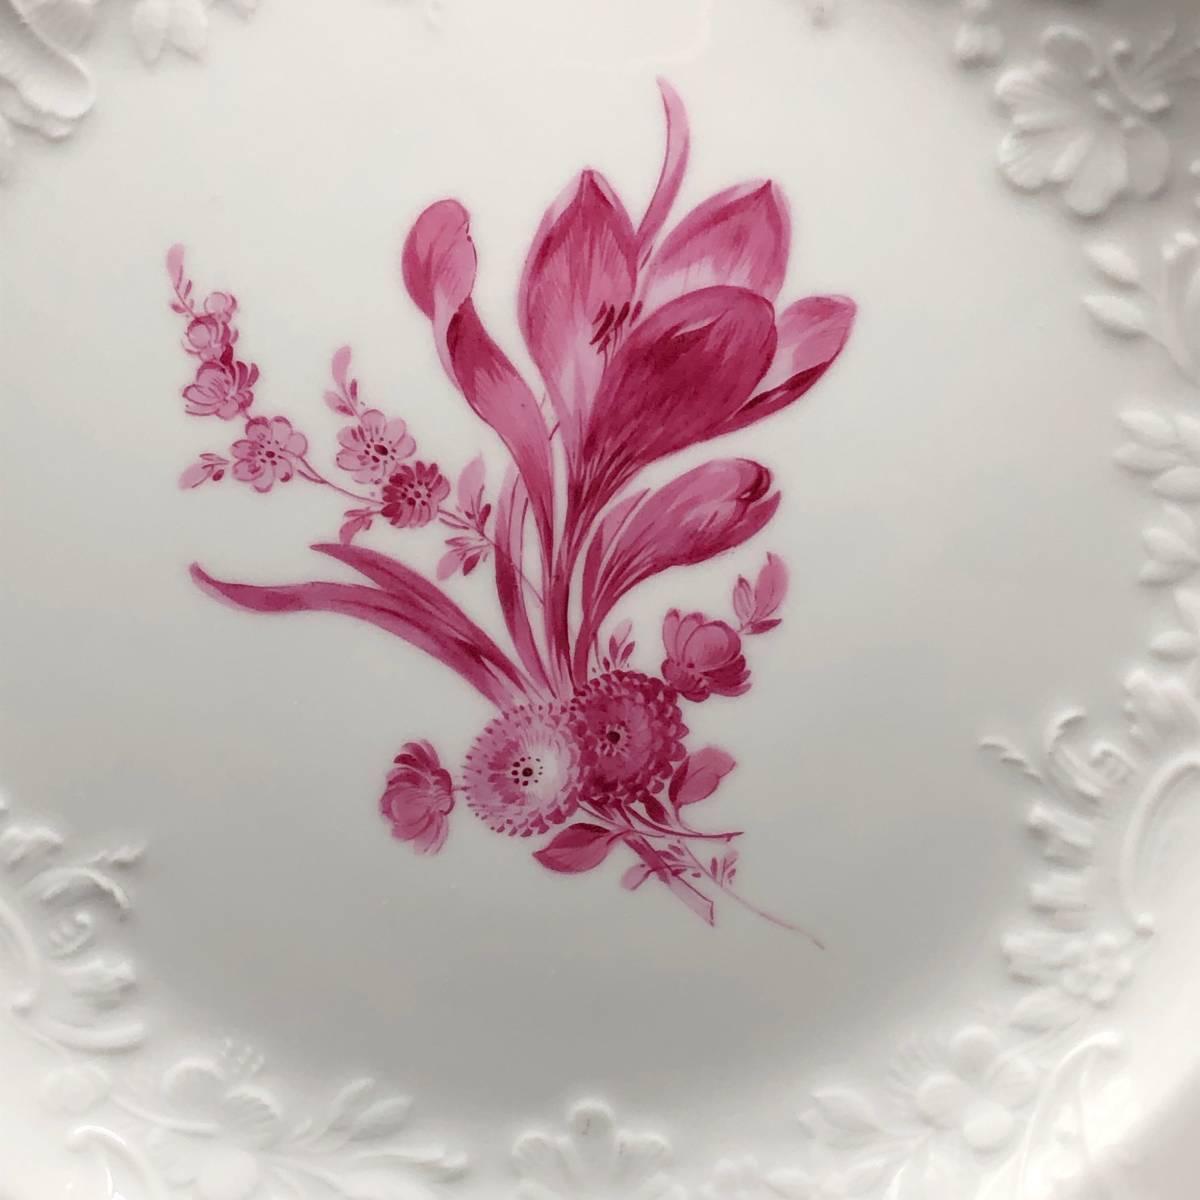 美品★マイセン 赤紫 フラワー レリーフ プレート★1級品 25cm 金彩 単色 花 皿 MEISSEN 5_画像2